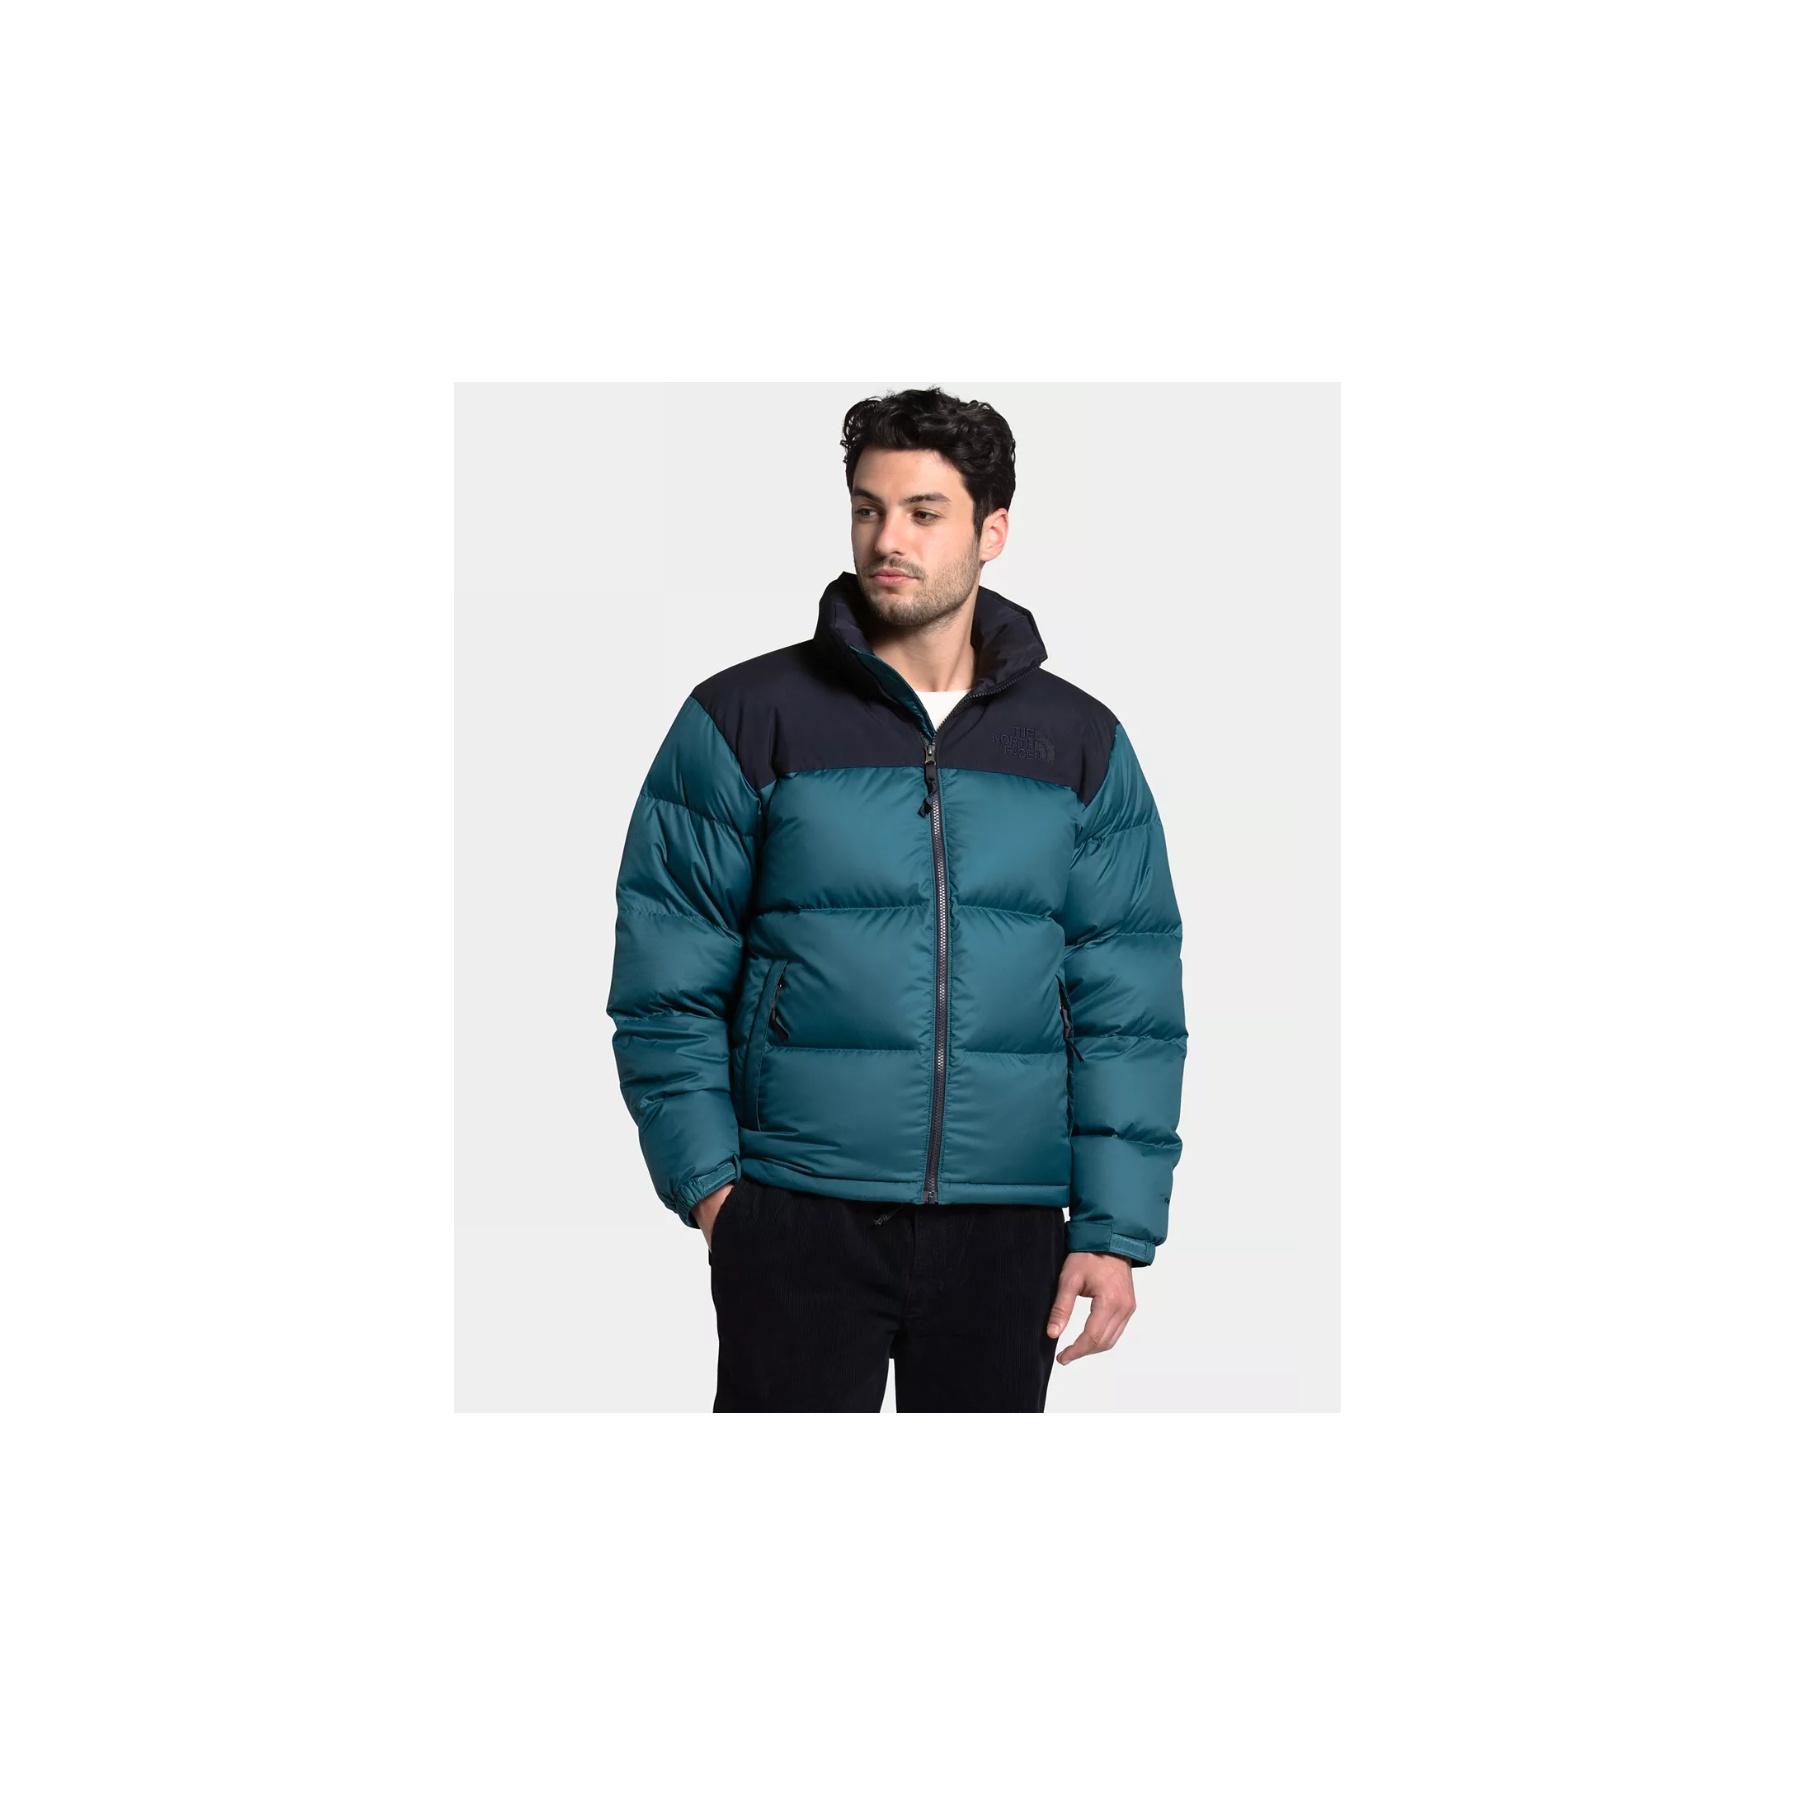 Eco Nuptse Jacket - Men's